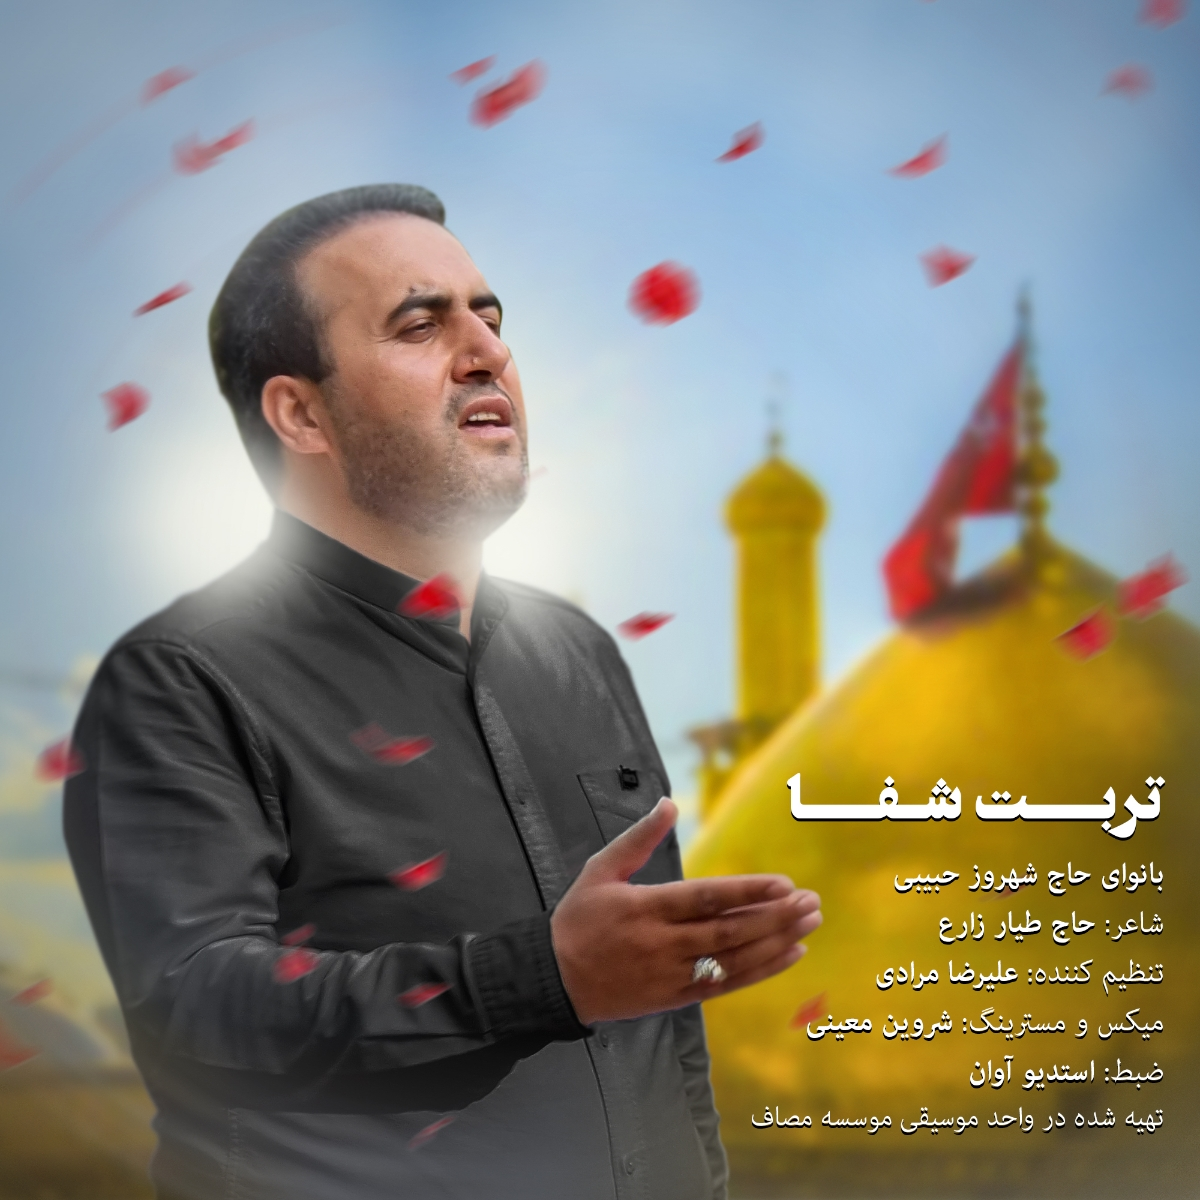 https://s19.picofile.com/file/8439314568/09Shahrooz_Habibi_Torbate_Shafa.jpg